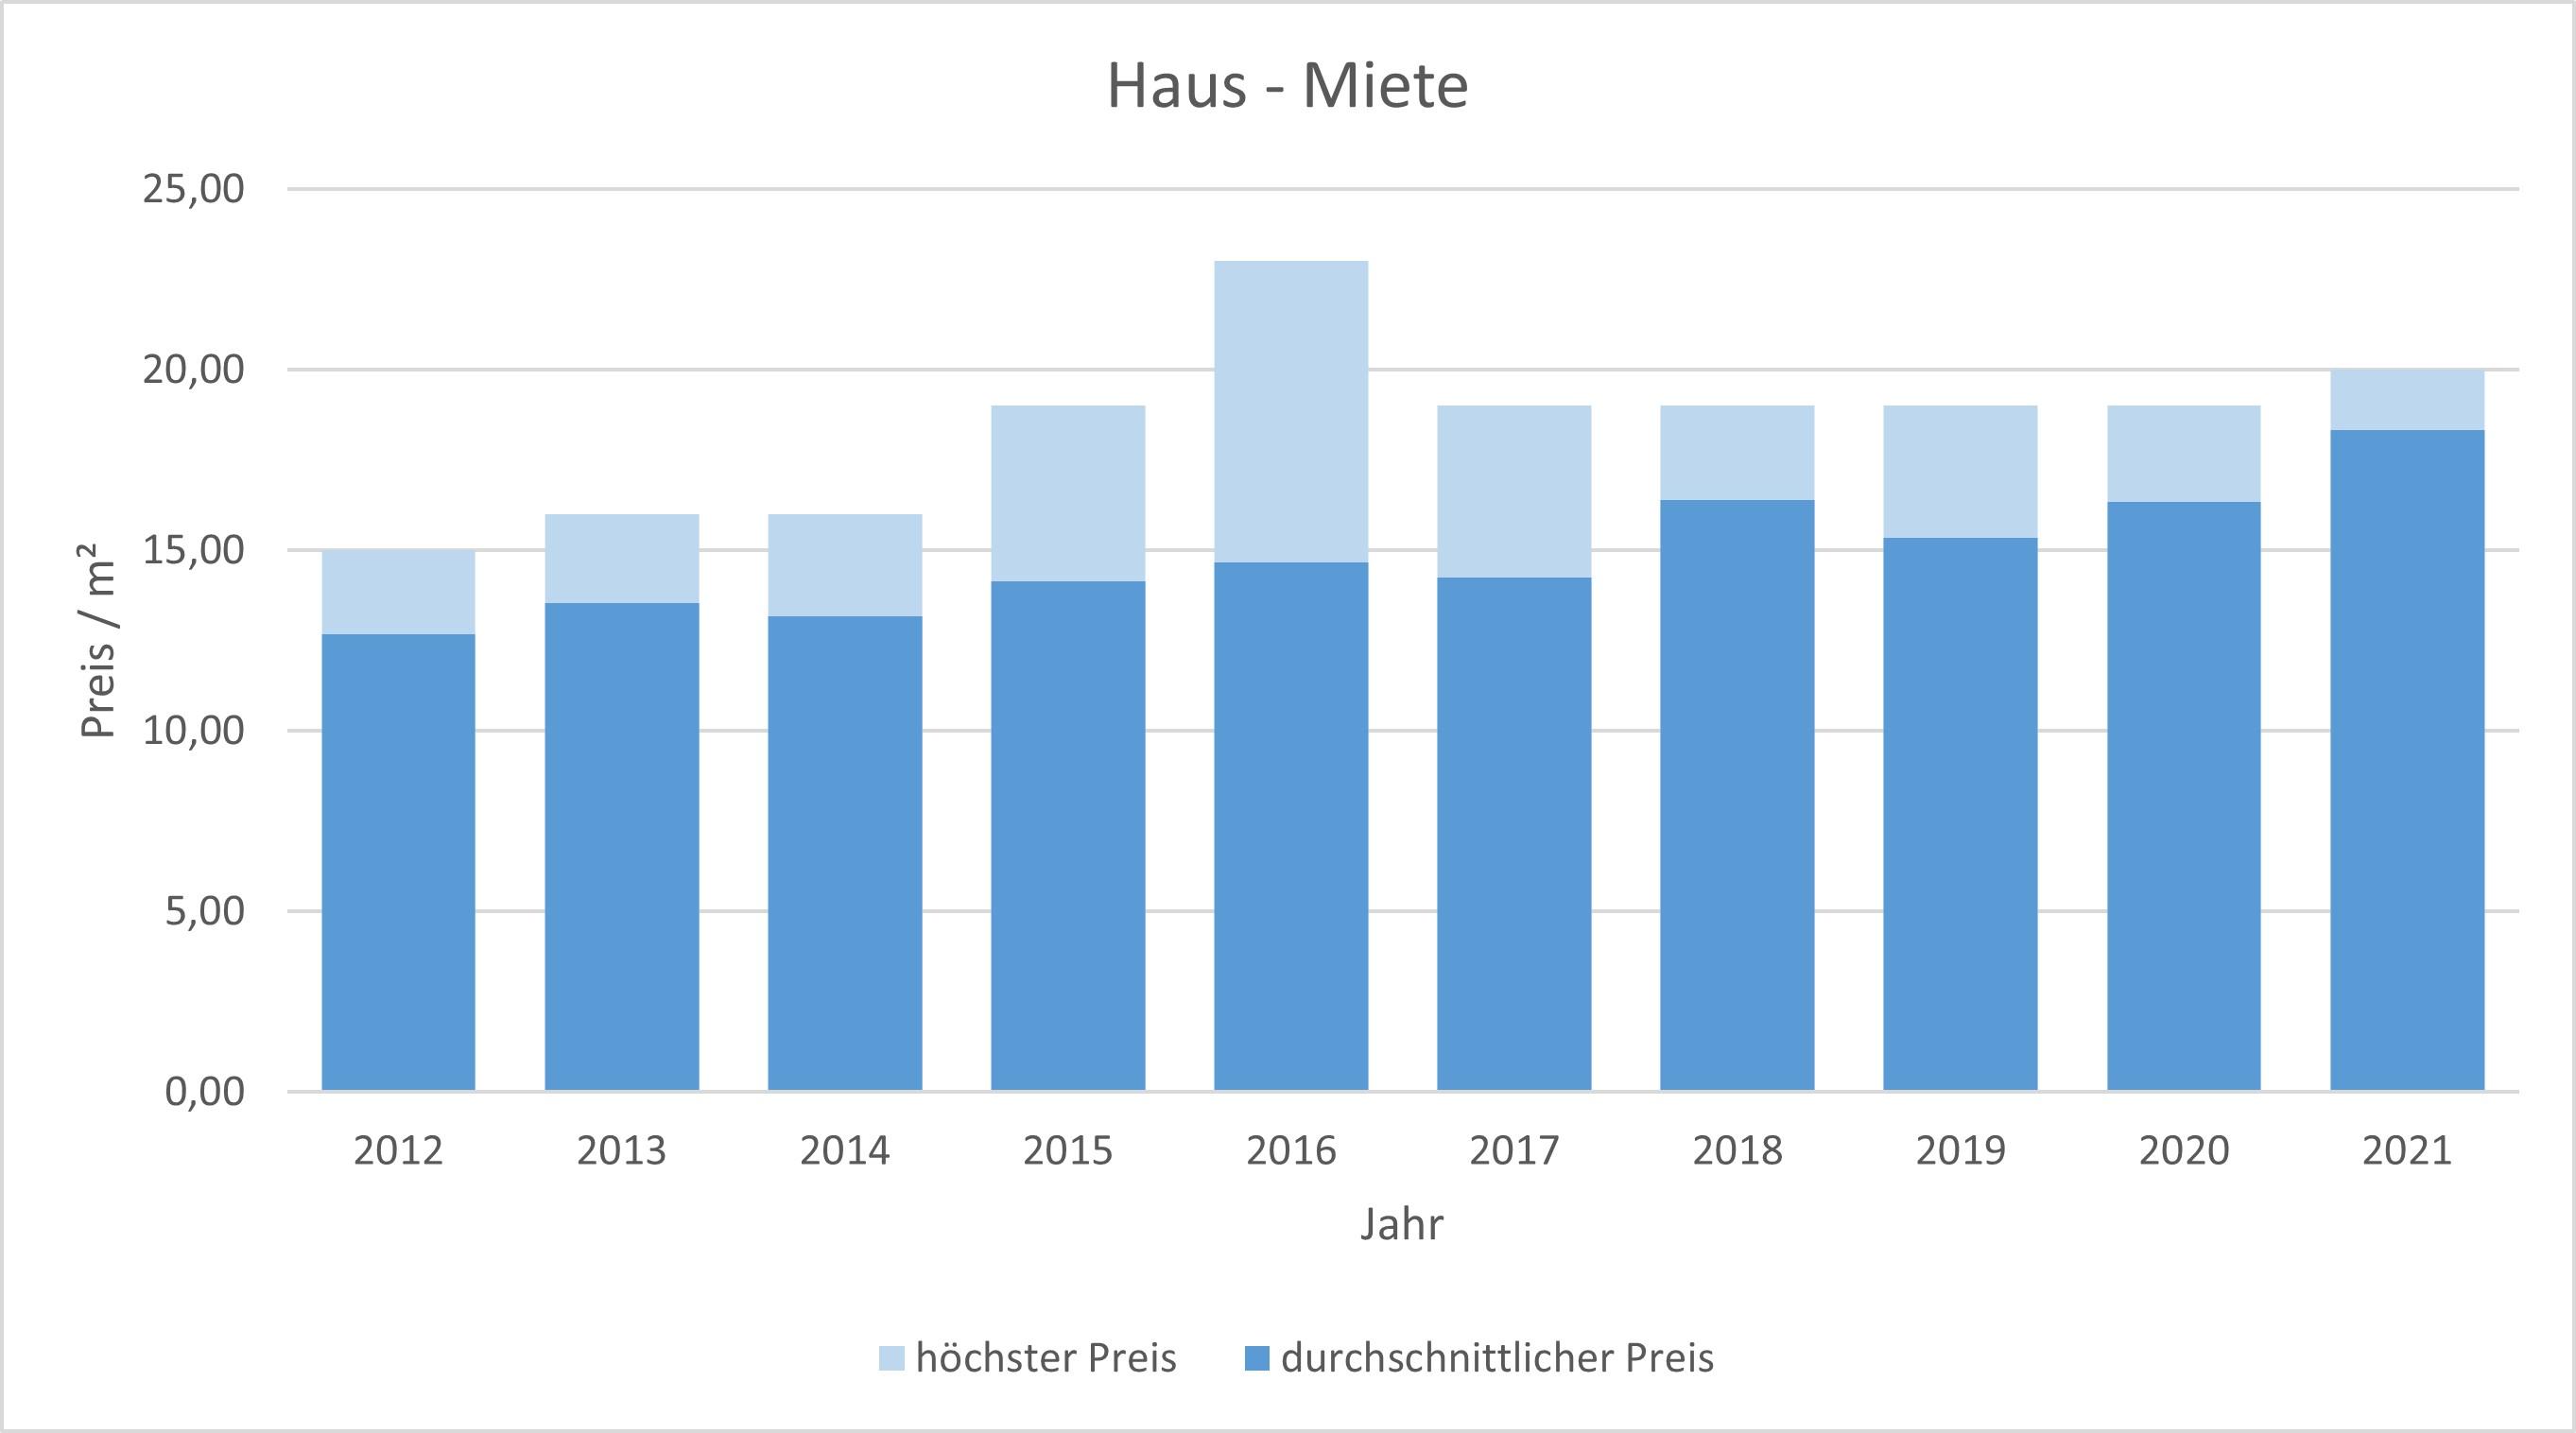 Baierbrunn Makler Haus mieten vermieten Preis Bewertung 2019, 2020, 2021